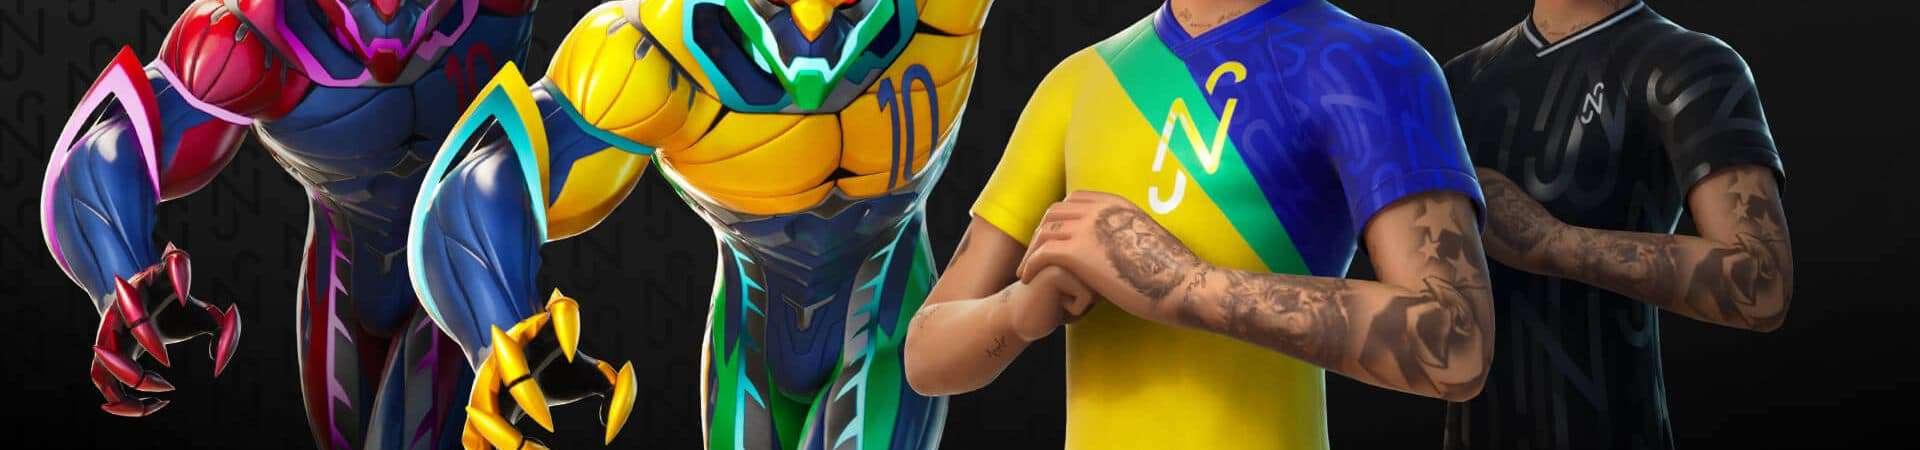 Neymar em Fortnite. Imagem: Epic Games/Divulgação